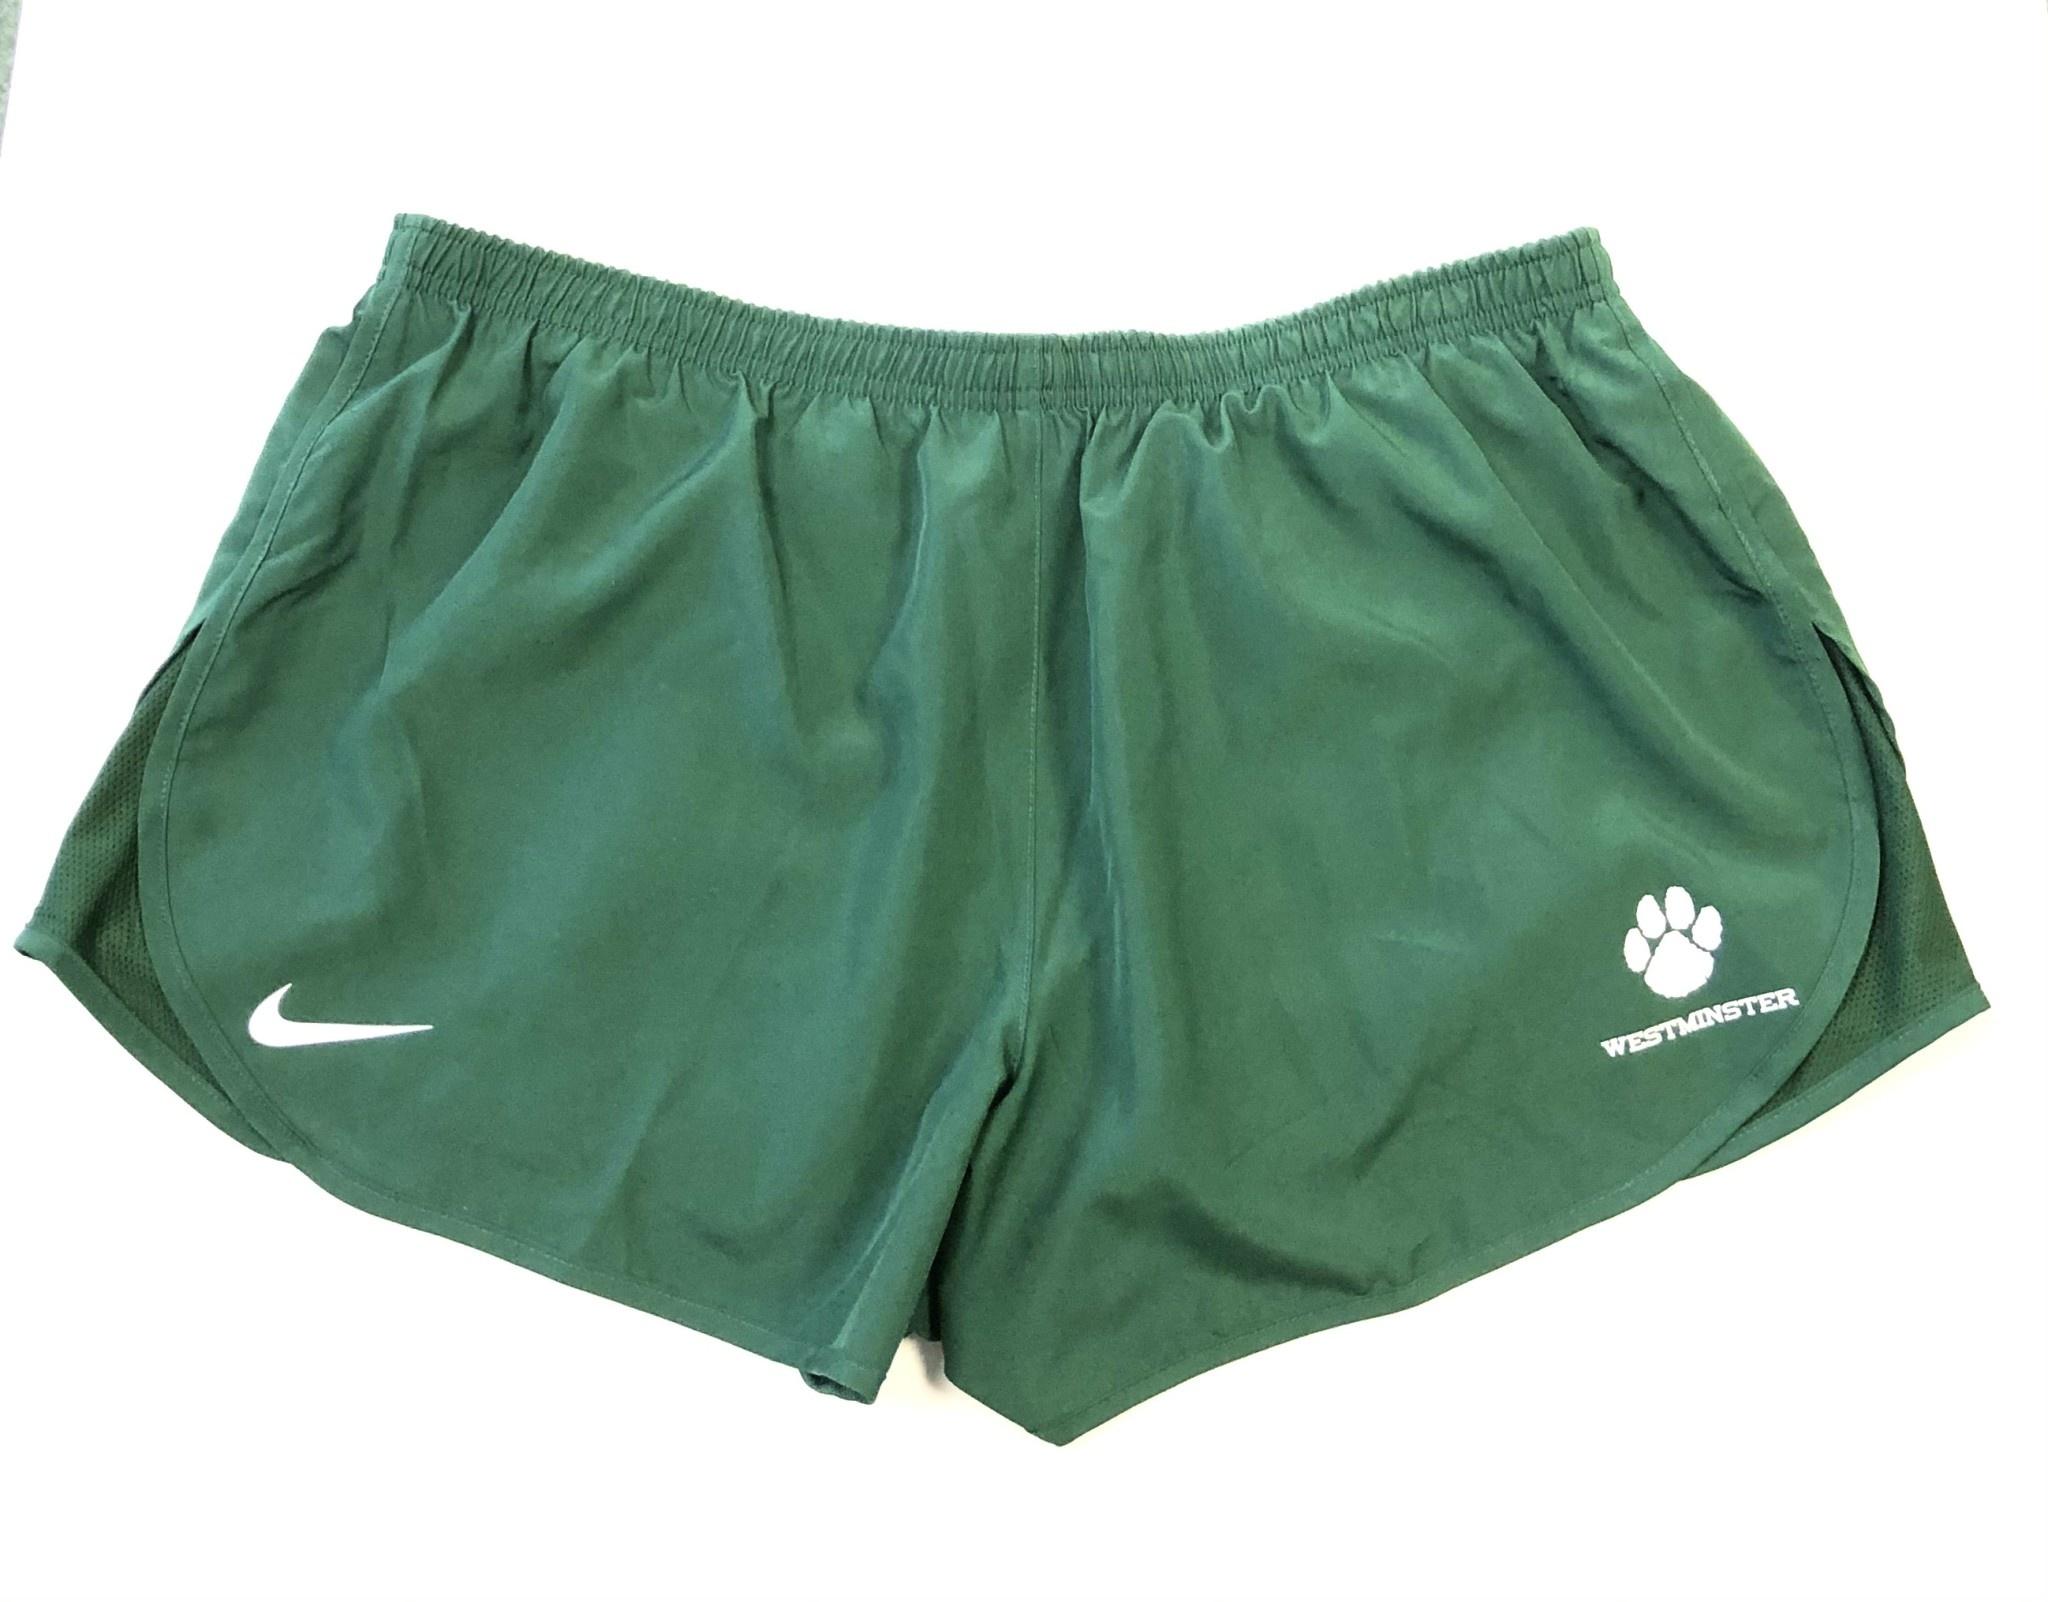 Nike Shorts: Nike XL Women's Mod Tempo Green